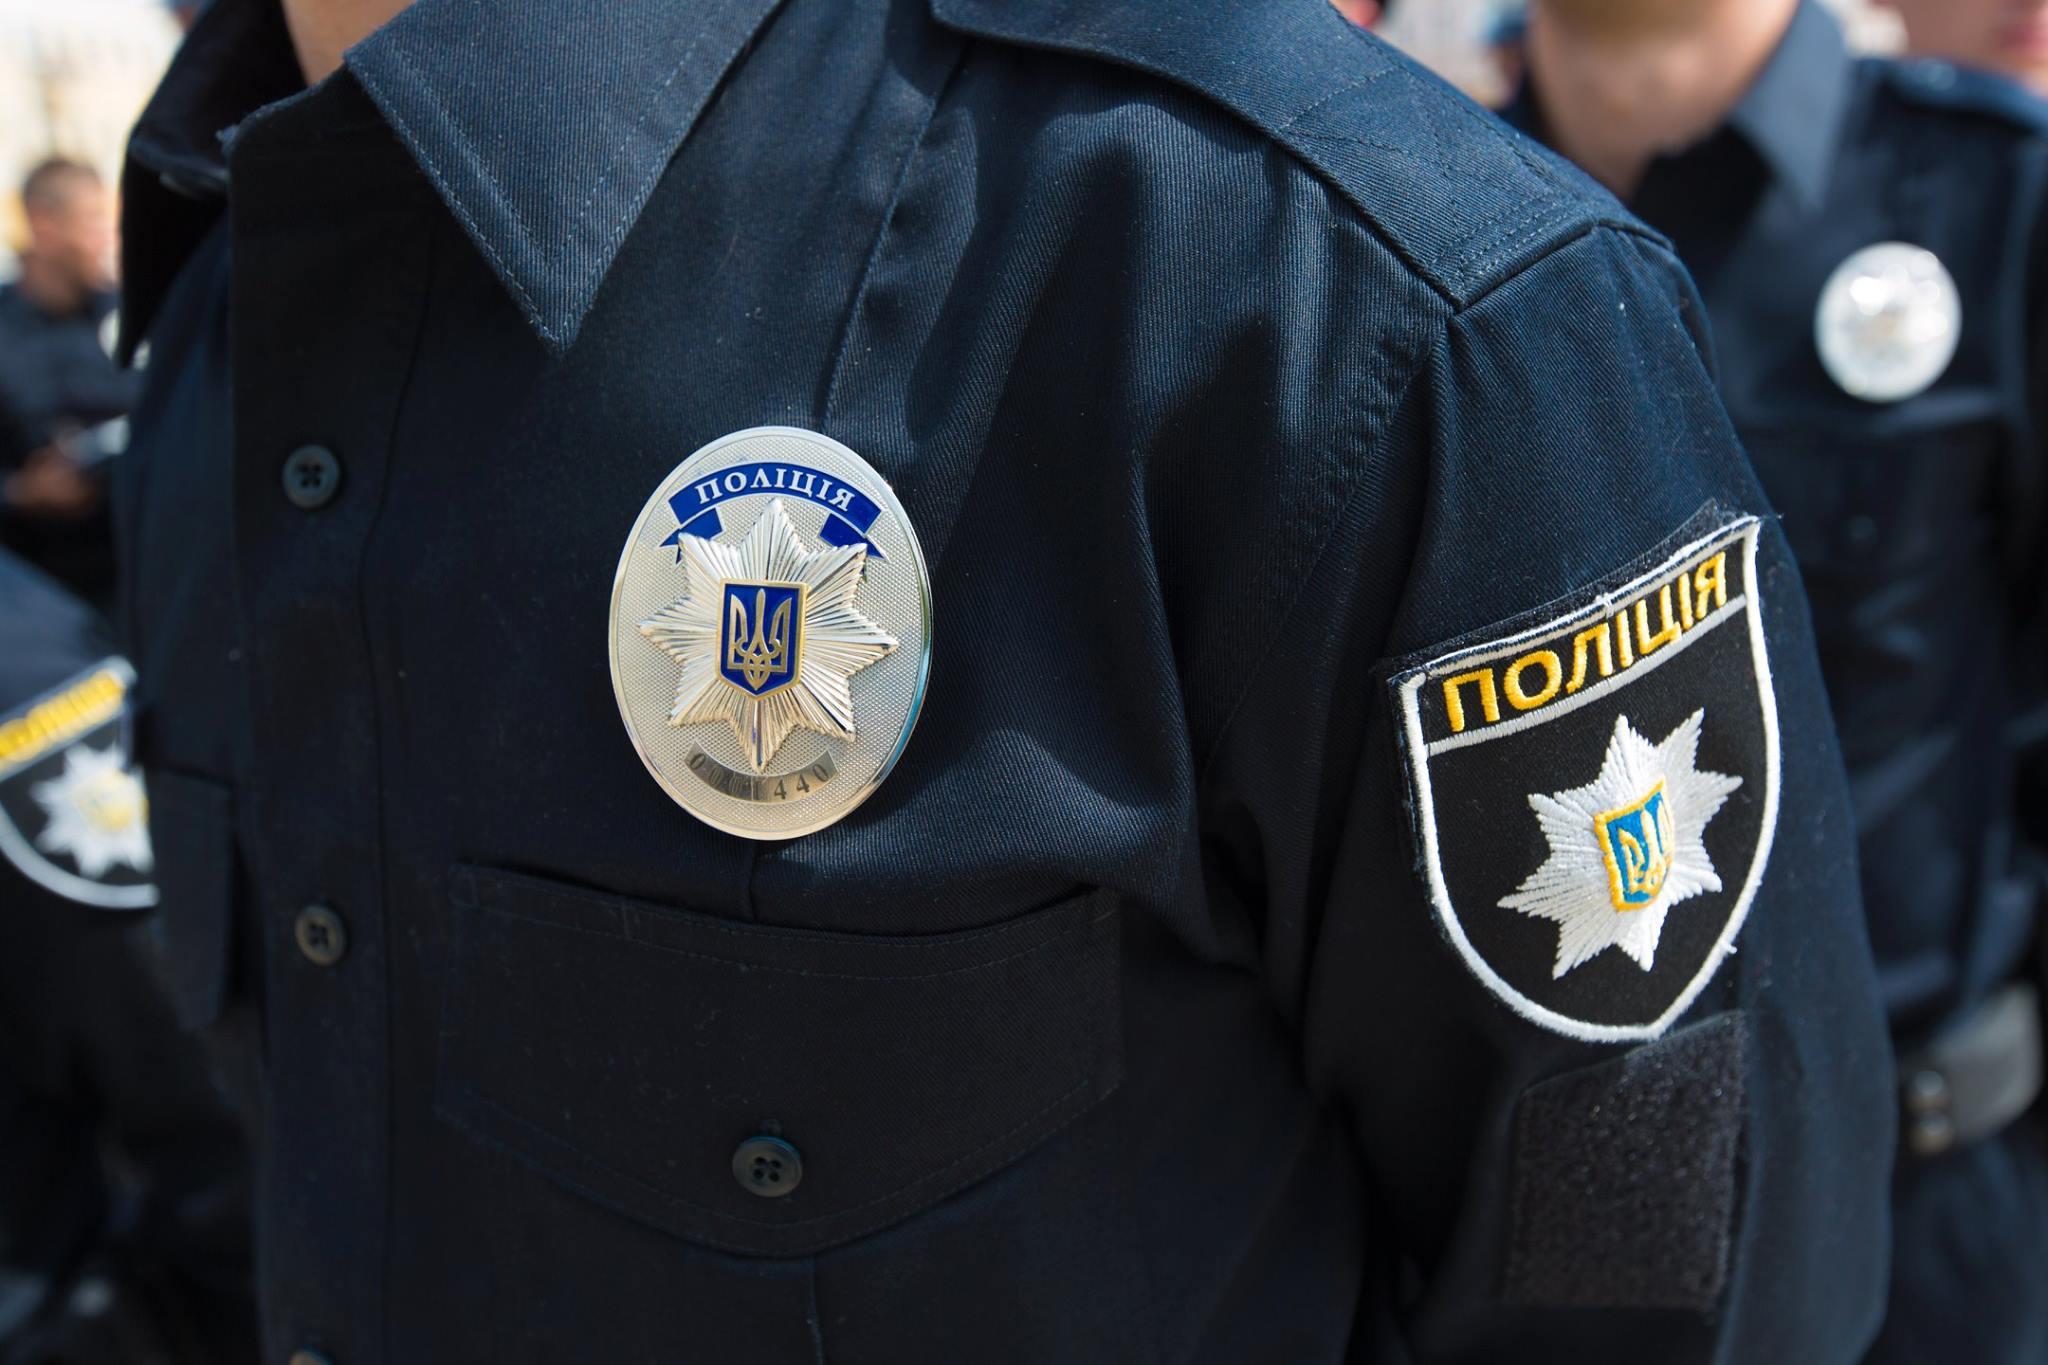 Потасовка с участием журналиста в Песочине: следователи открыли уголовное дело